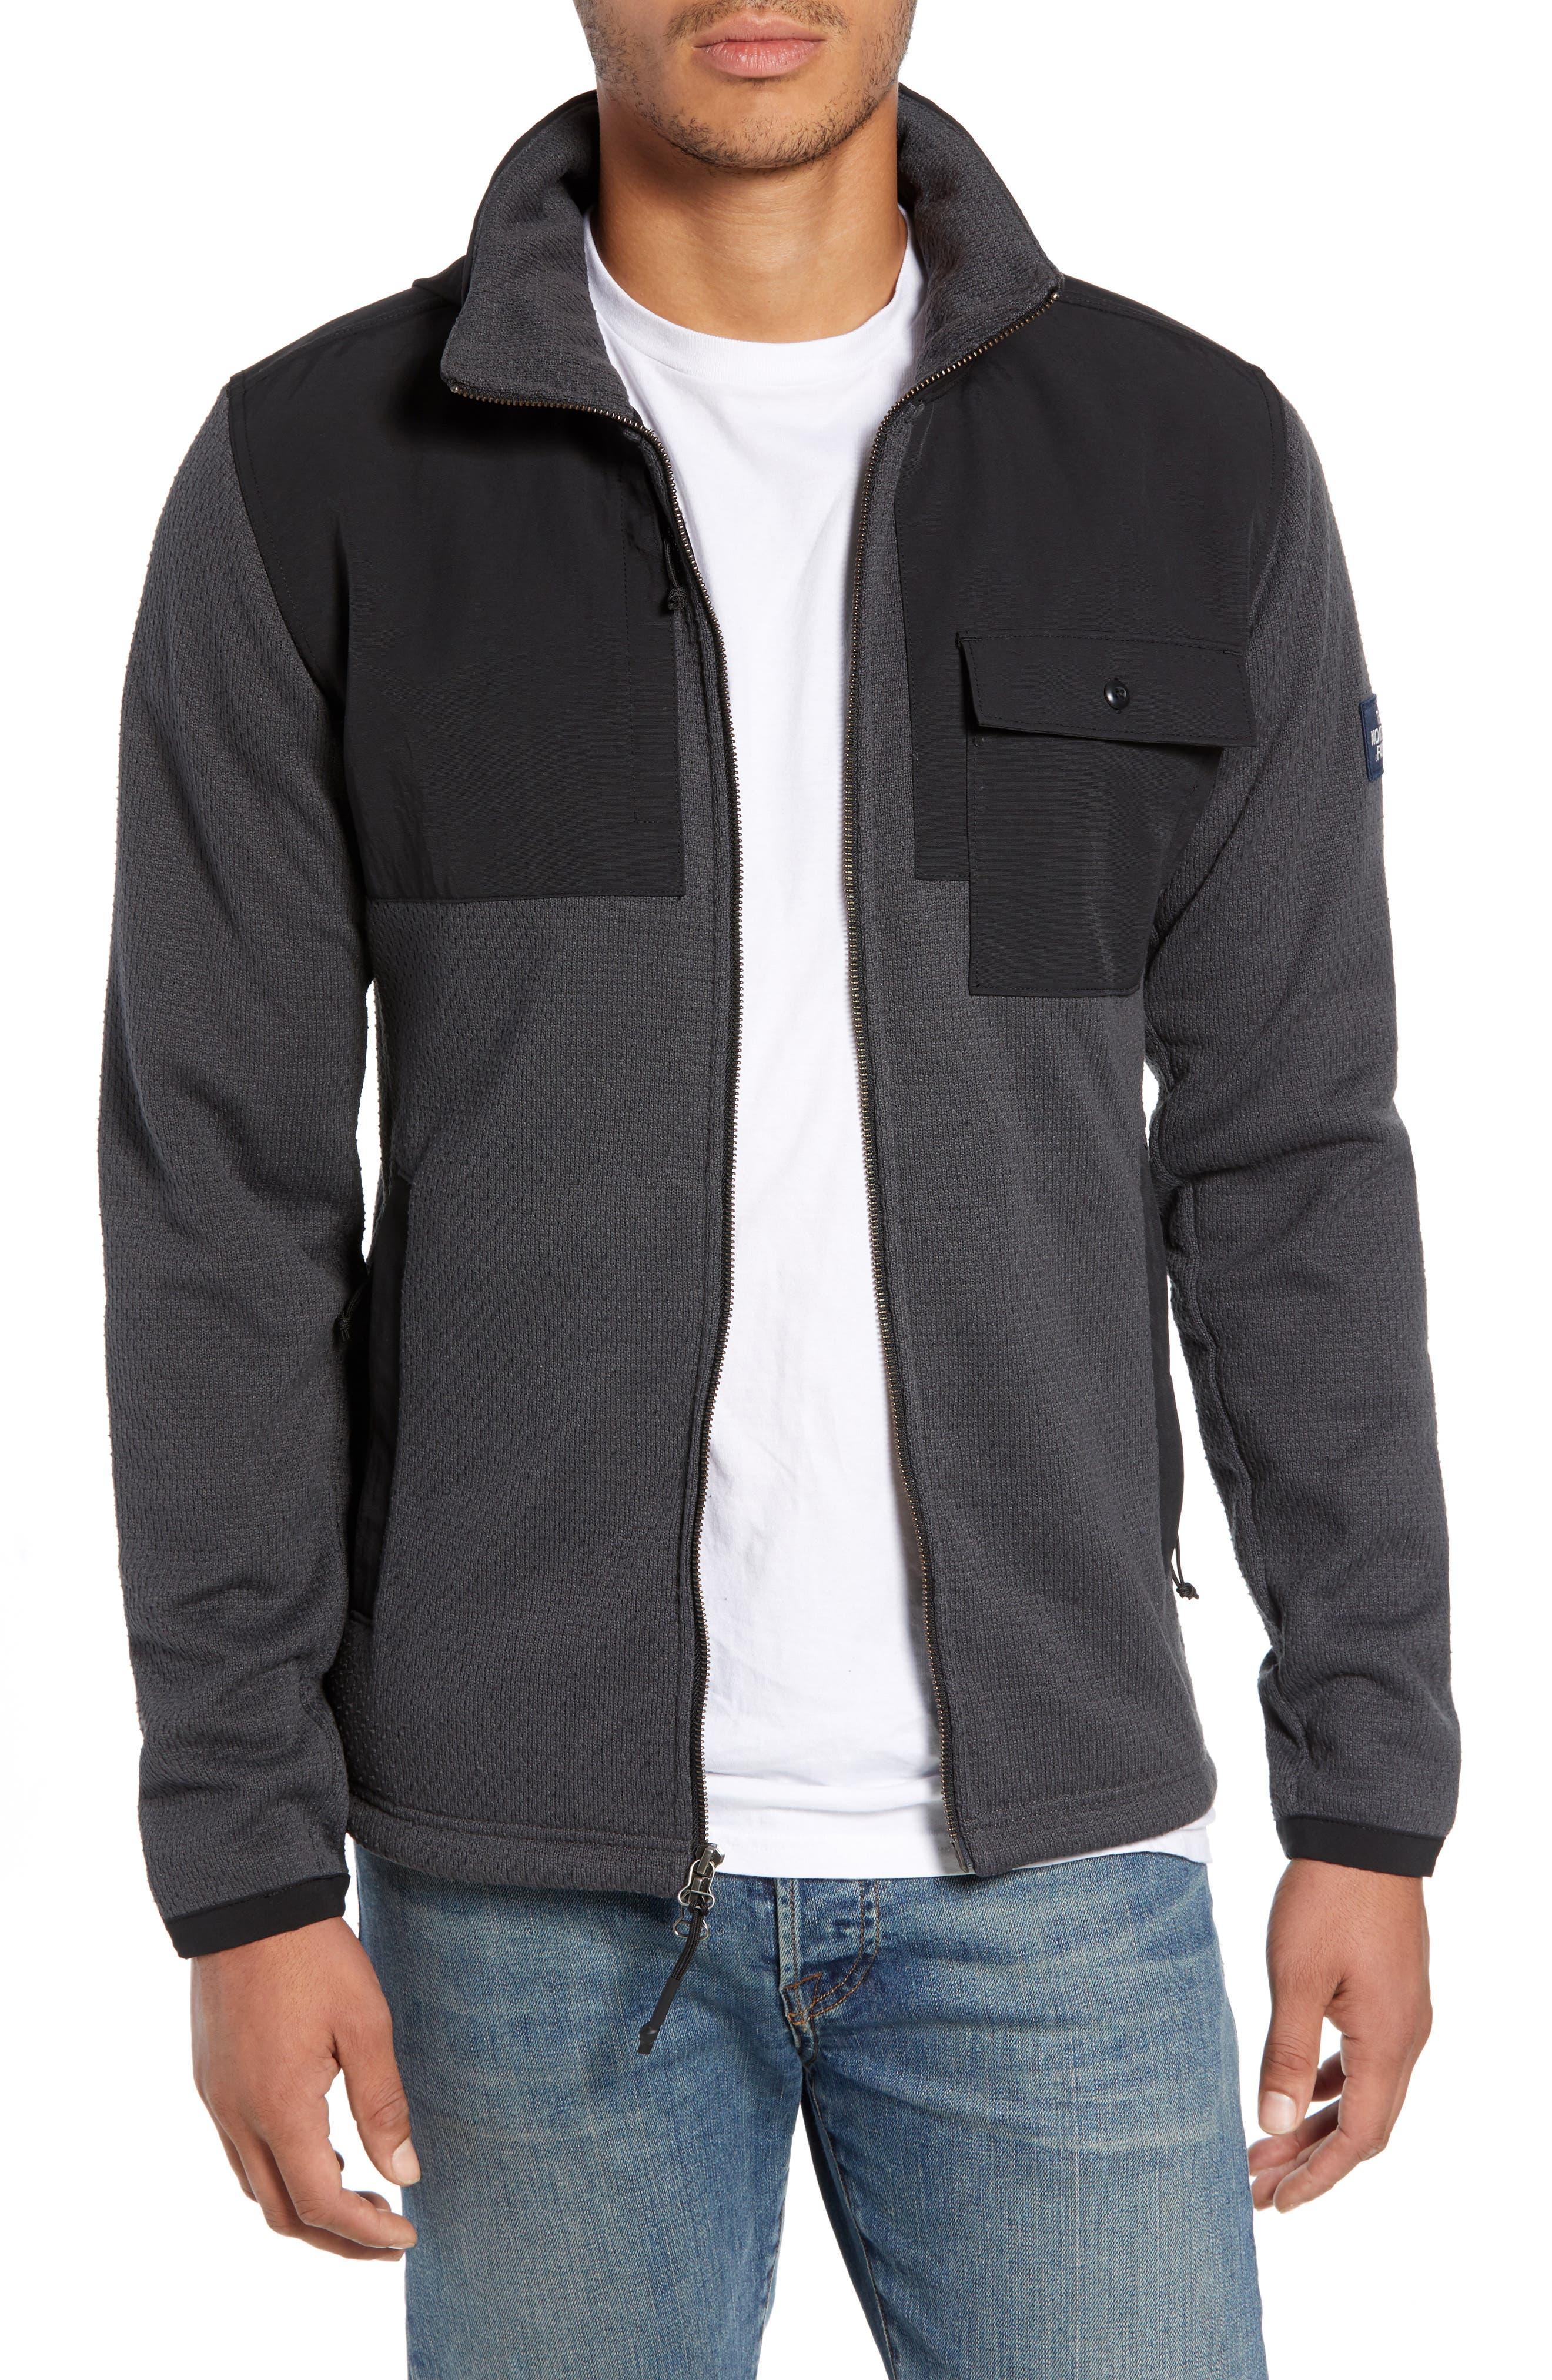 Be-Layed Back Jacket,                         Main,                         color, ASPHALT GREY